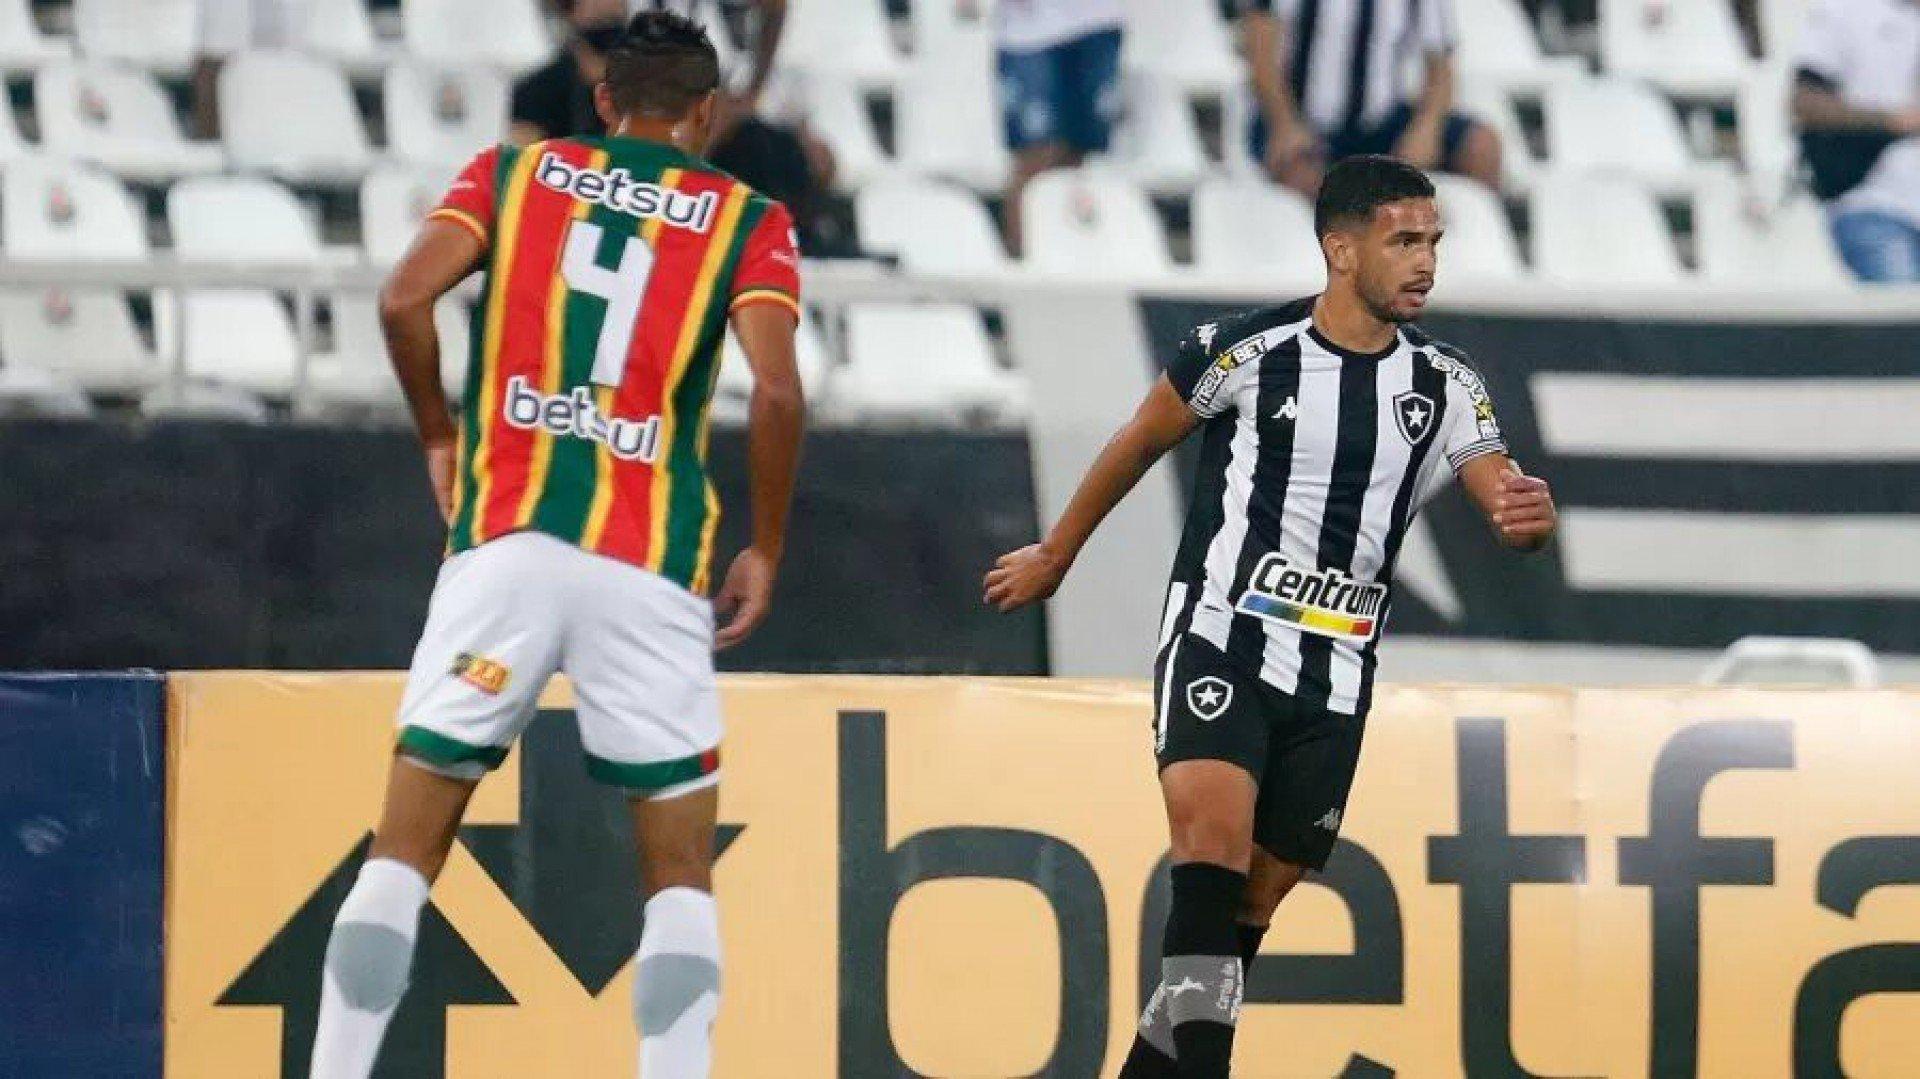 Marco Antônio exalta vitória do Botafogo e destaca que objetivo está sendo alcançado 'aos poucos'